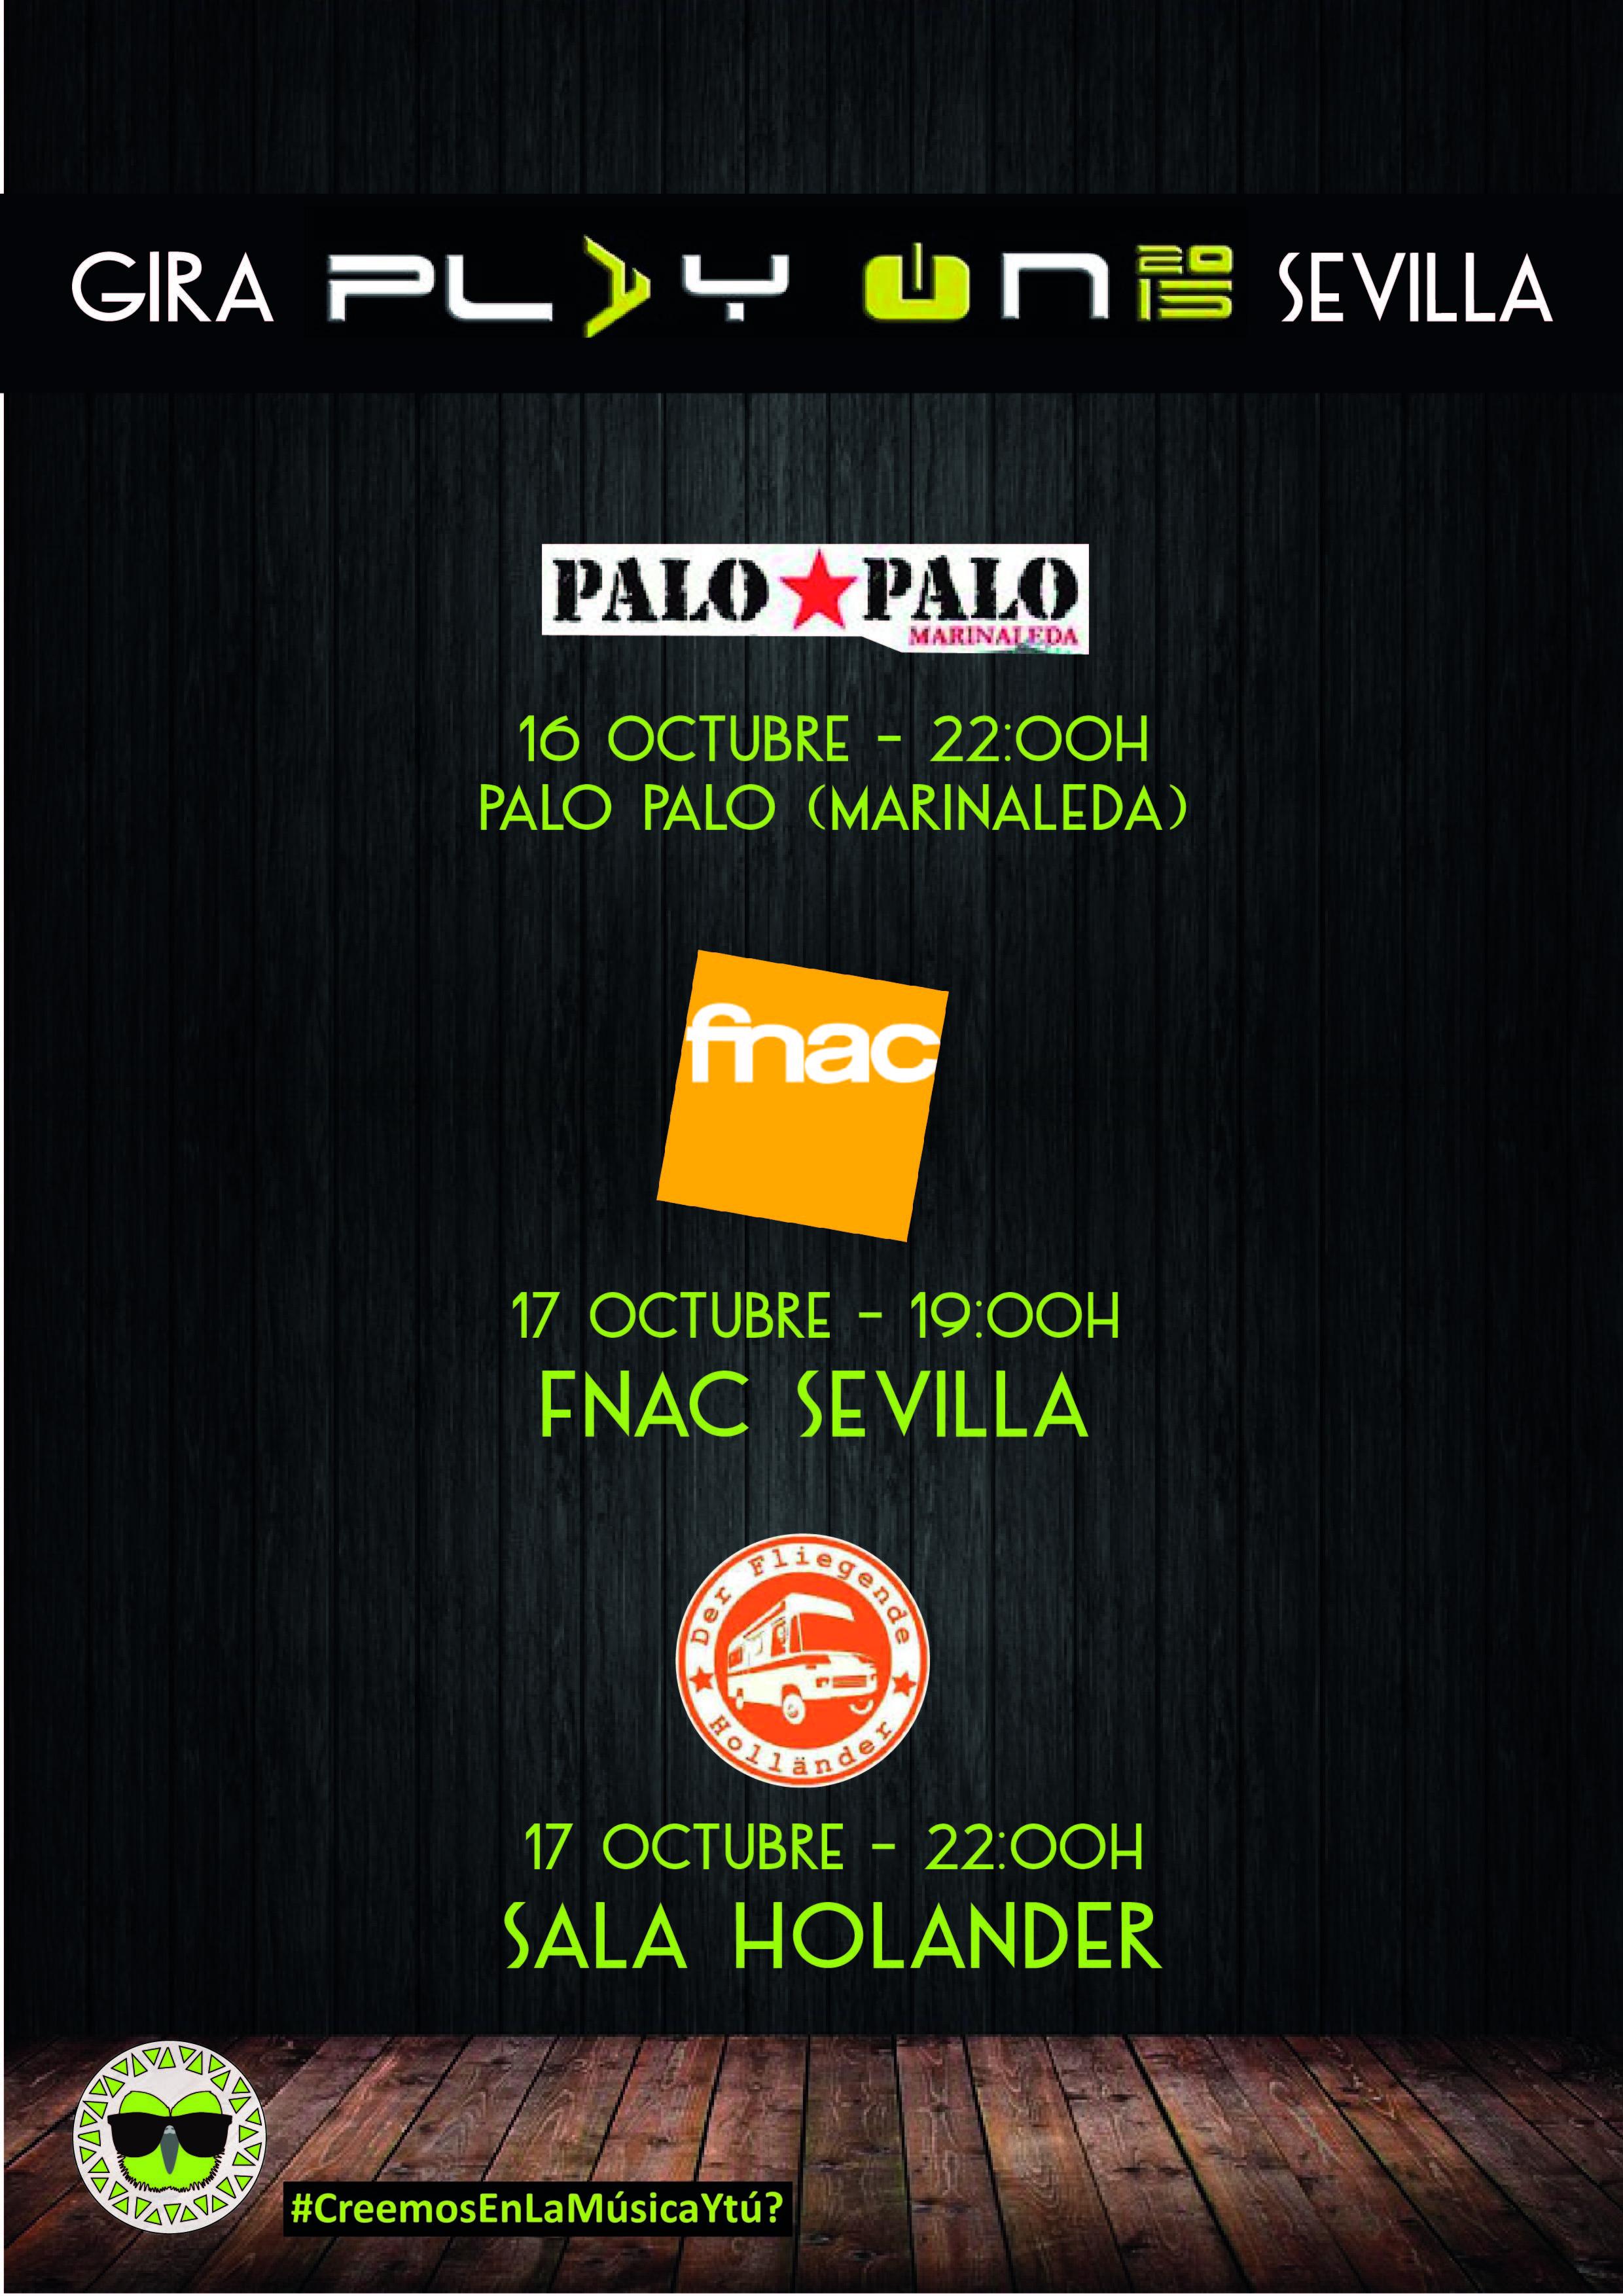 Cuadernos de Bitácora | Gira Play On Sevilla